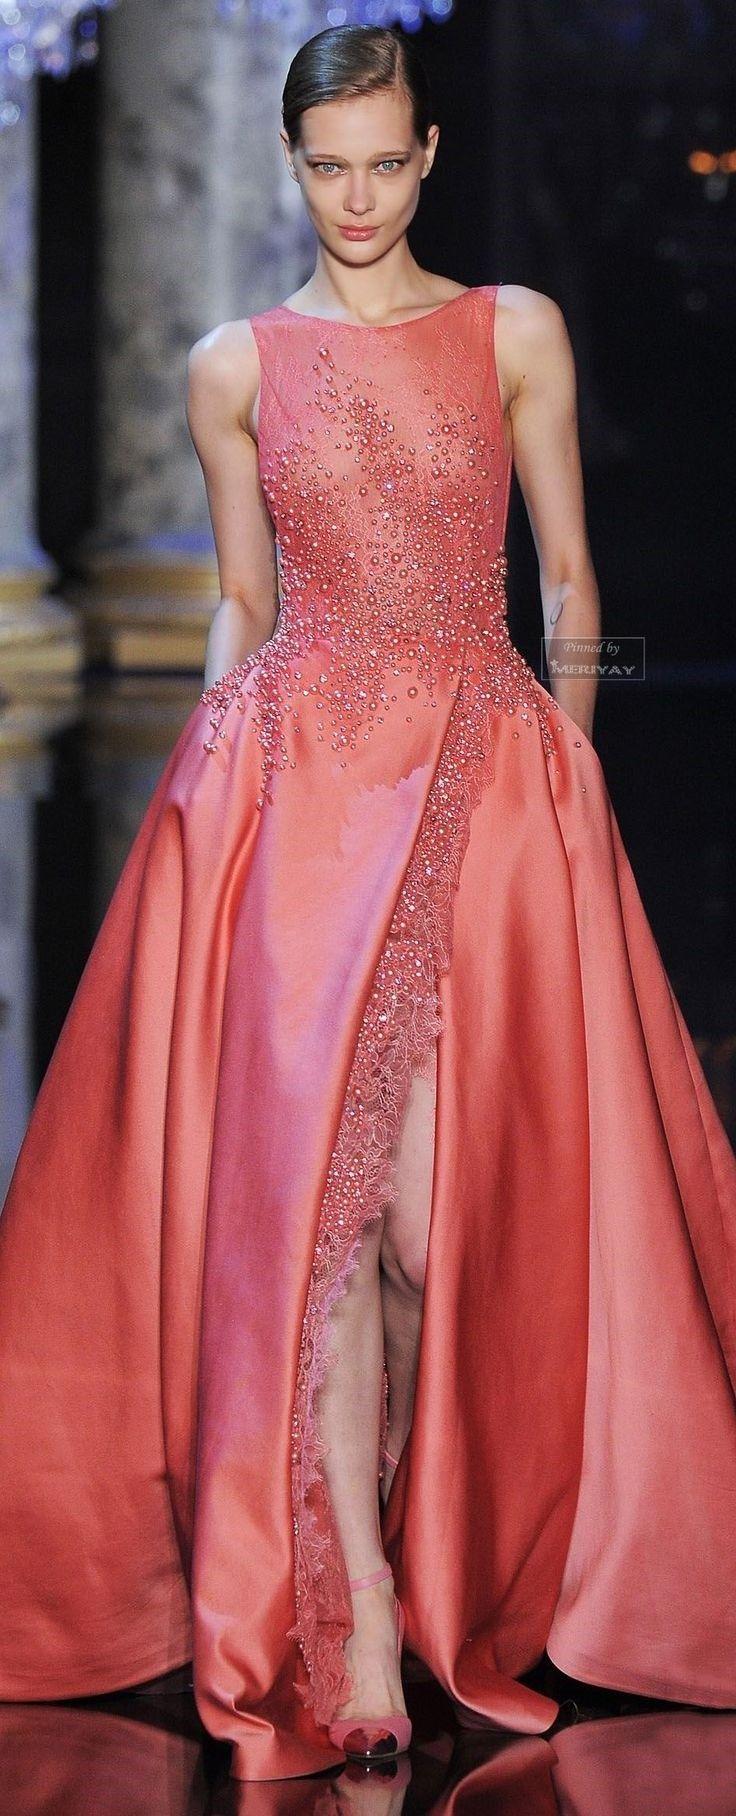 500 mejores imágenes en Dreamy dresses and shoes en Pinterest | Alta ...